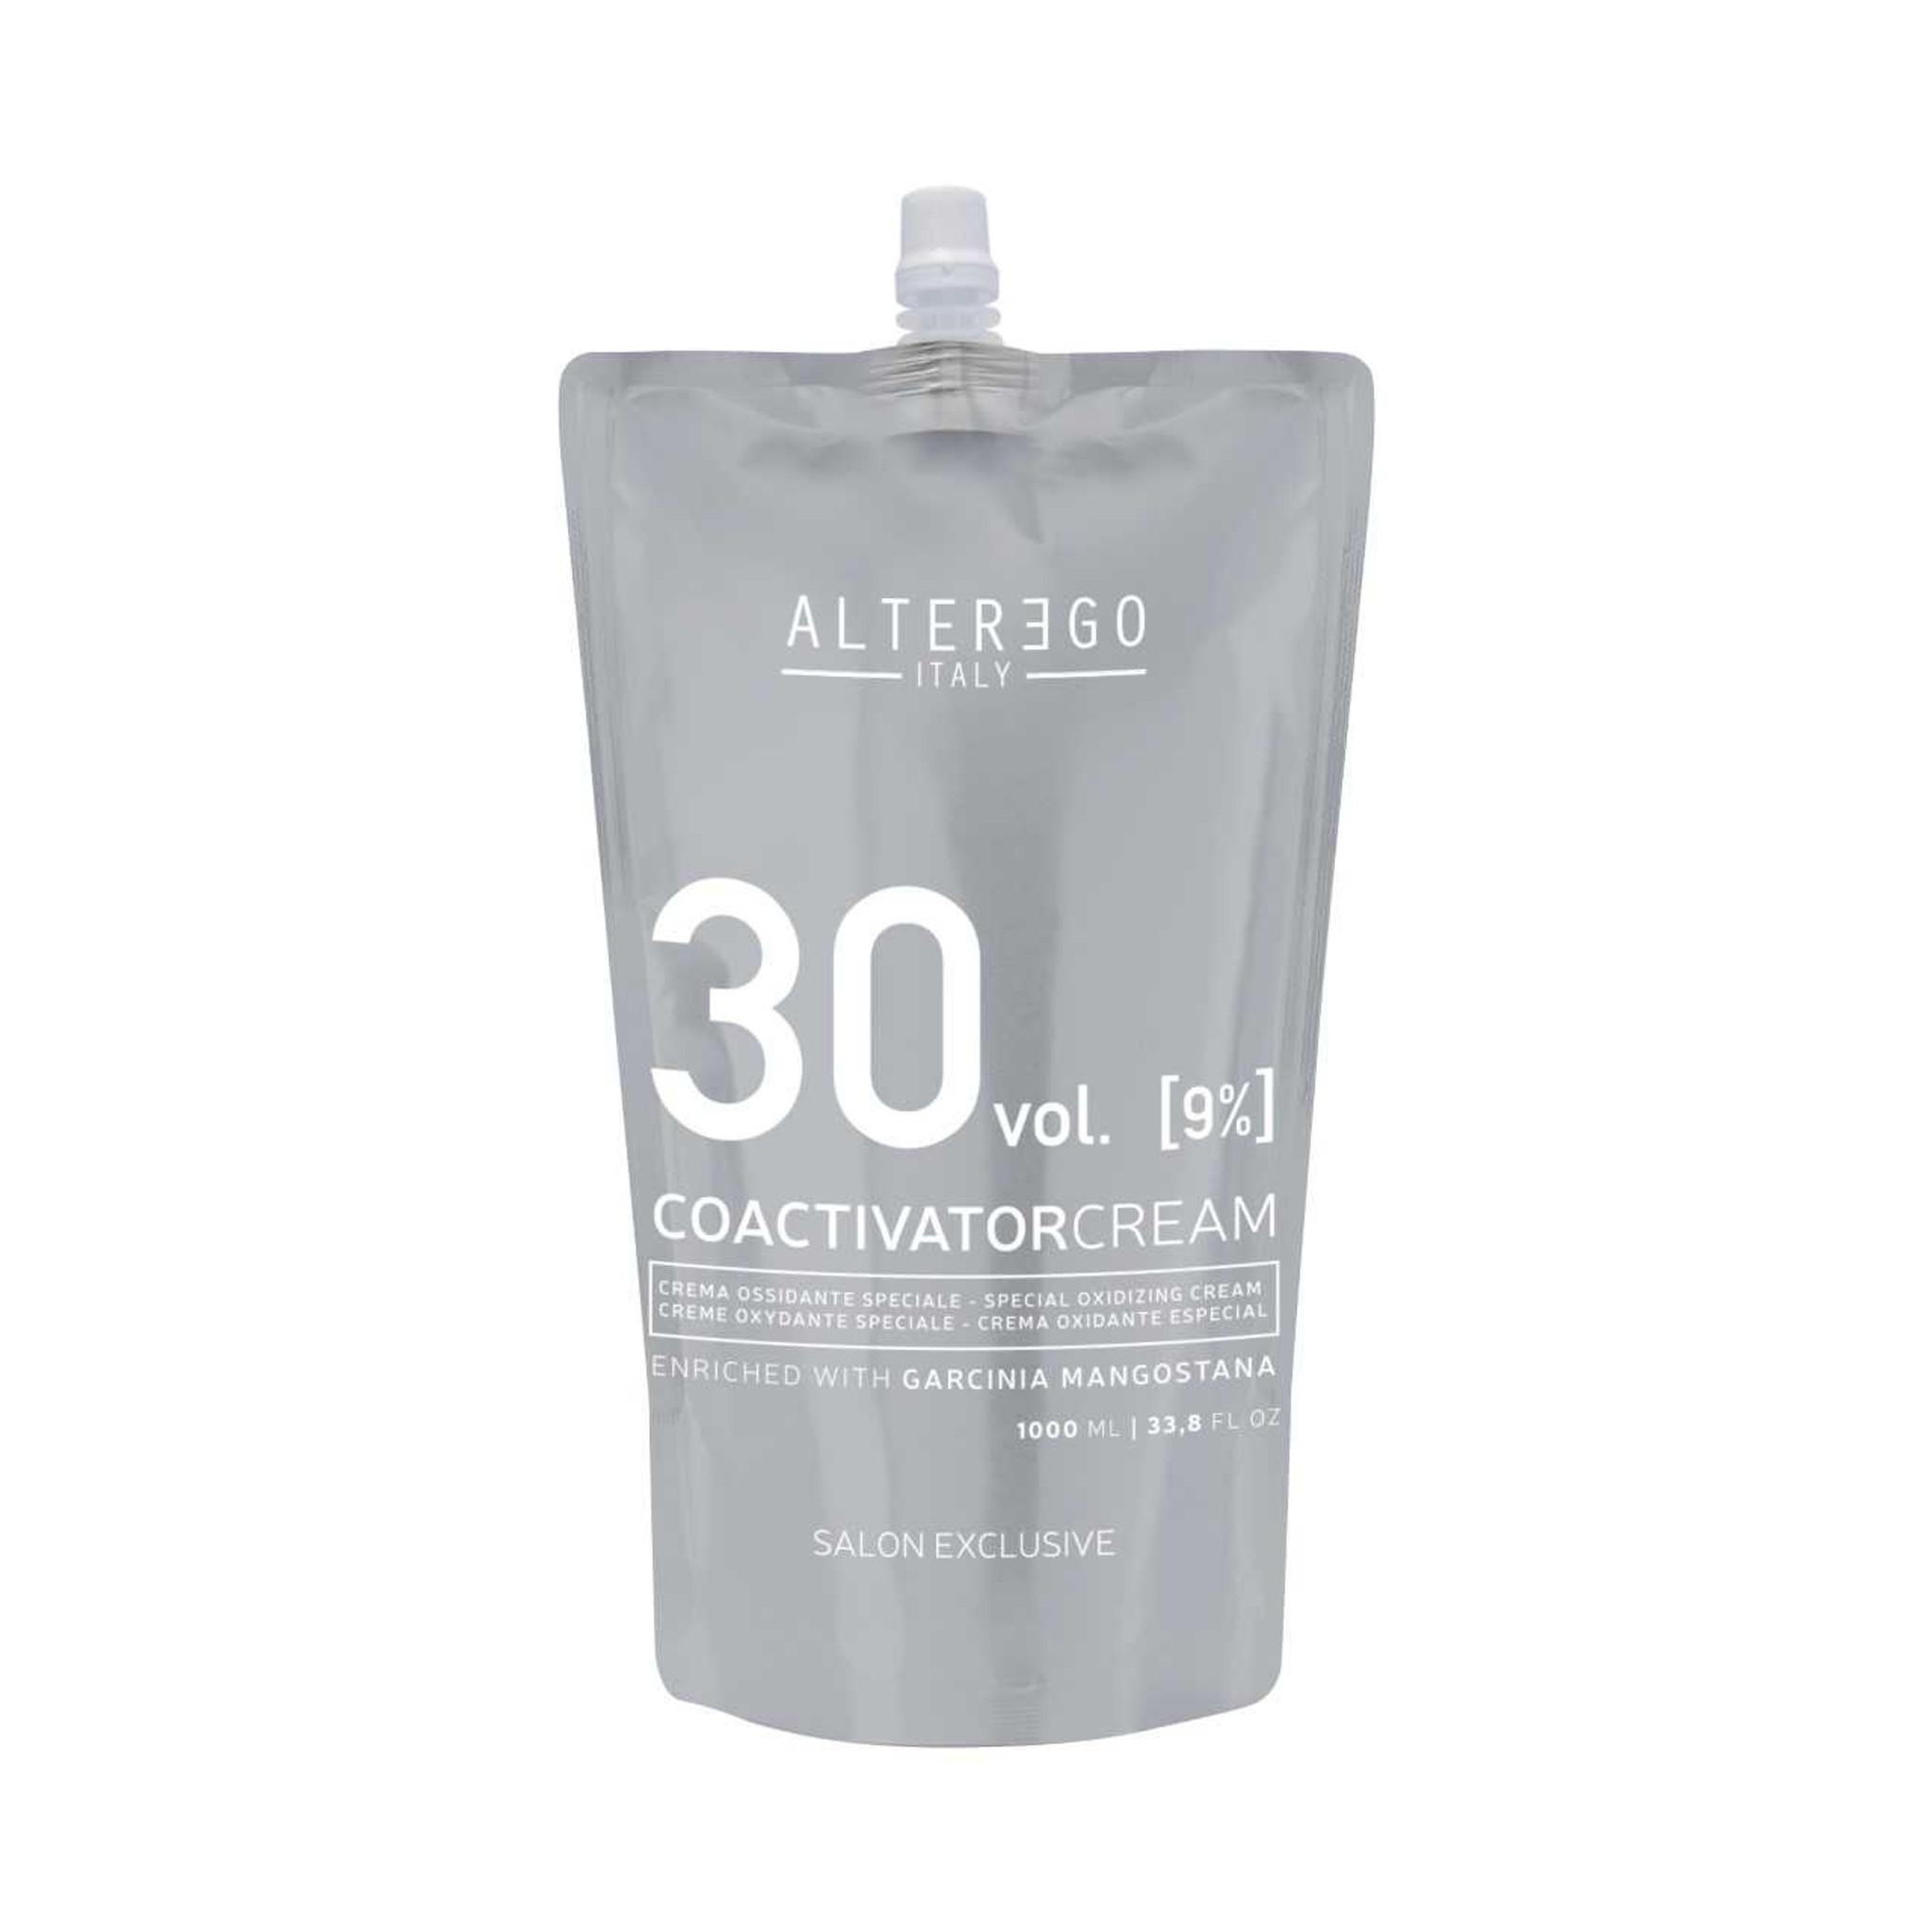 Alter Ego - Co-Activator Cream - 30 Vol 33 8oz